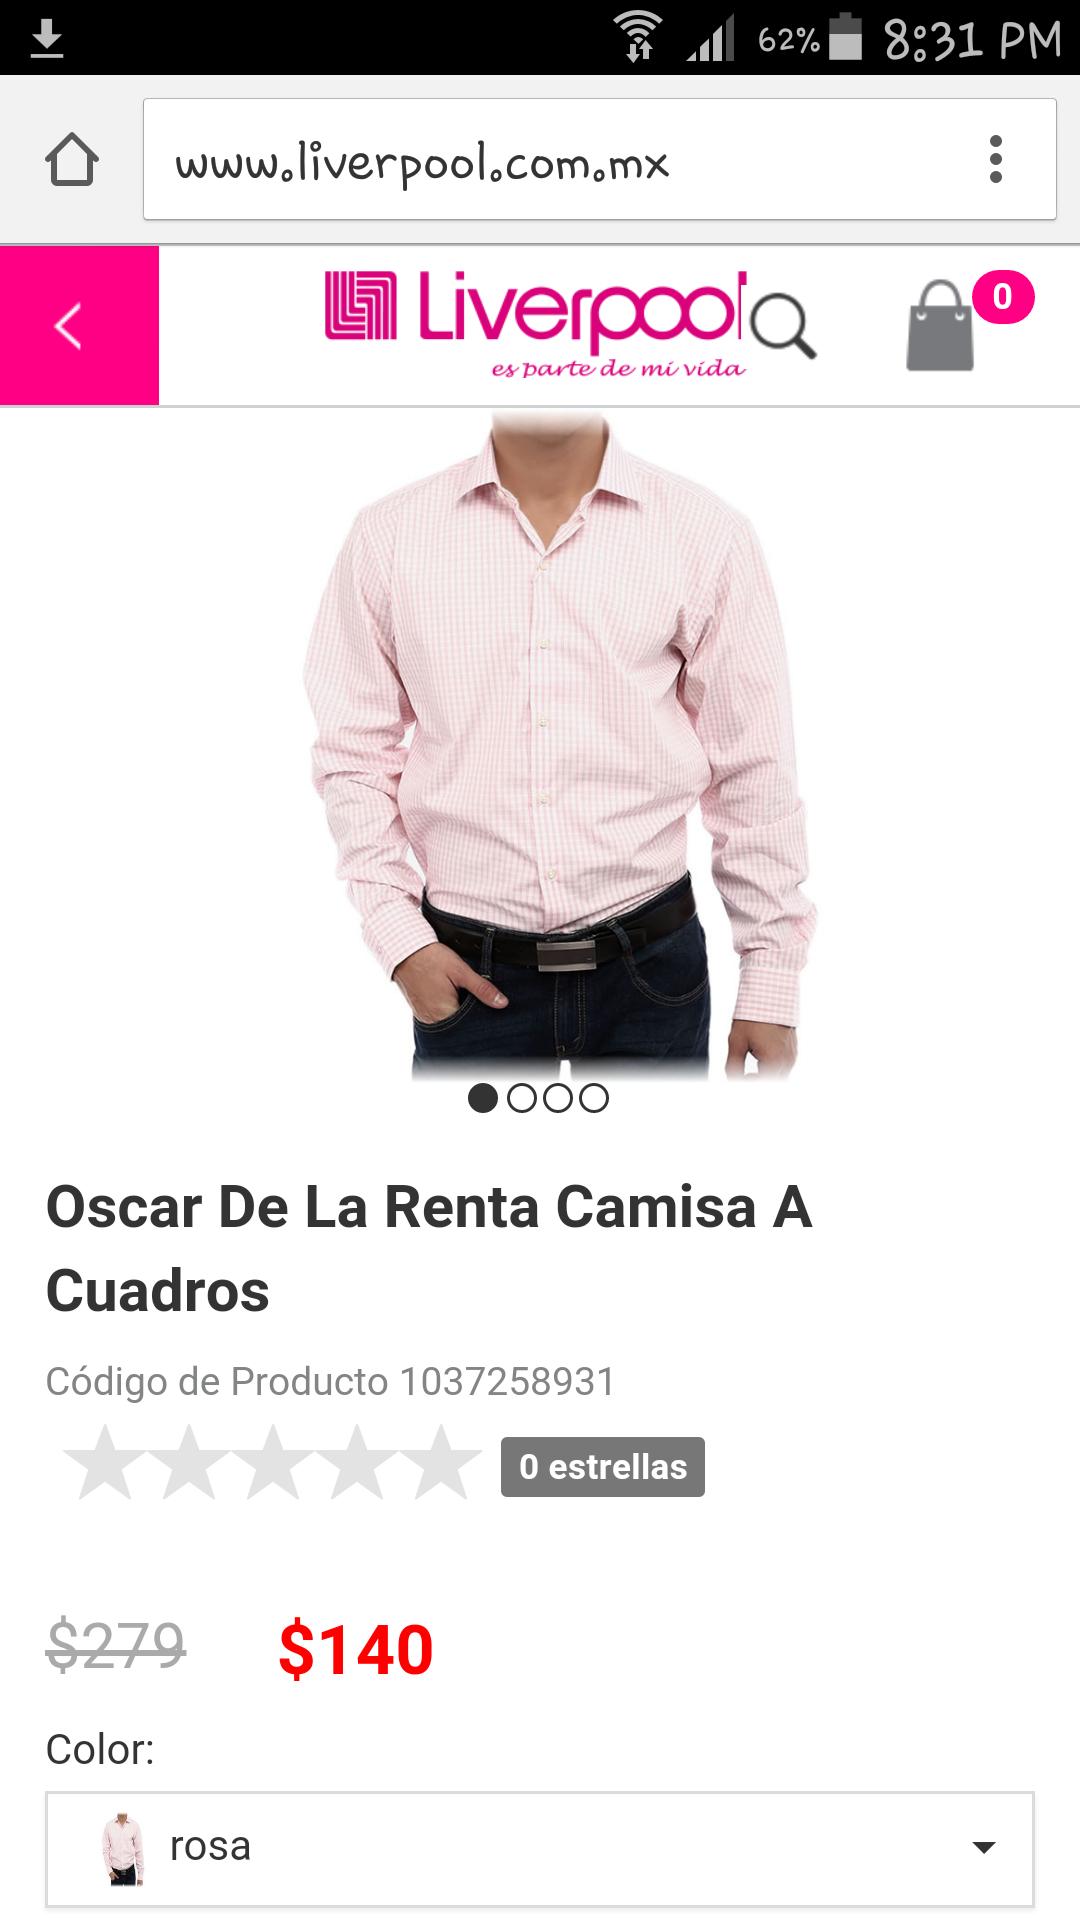 Liverpool en línea: Oscar De La Renta Camisa A Cuadros a $140